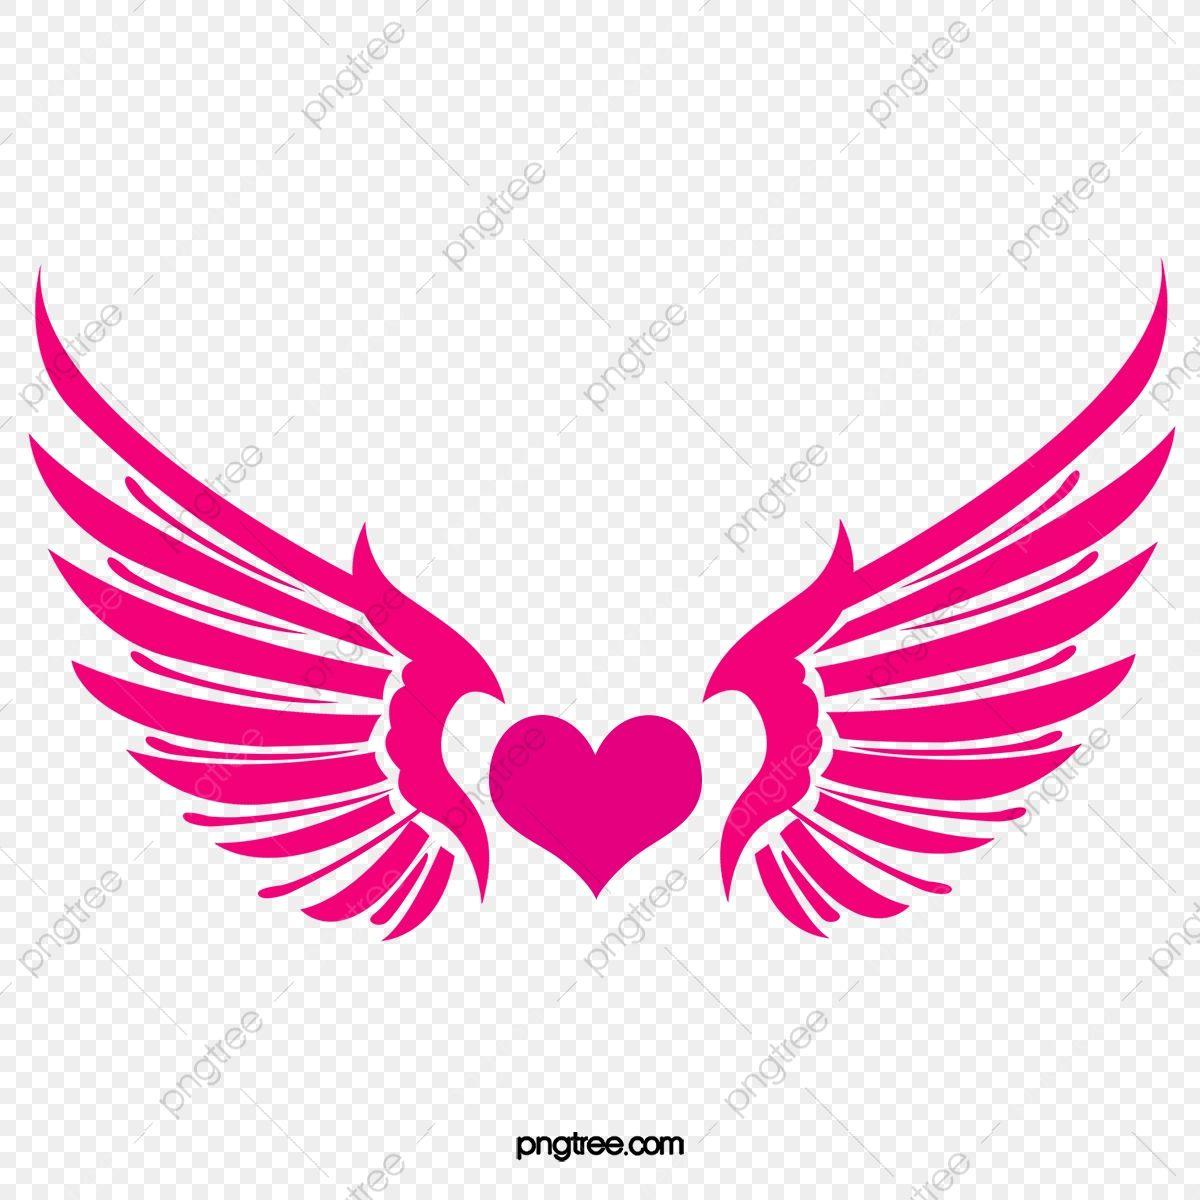 Alas De Angel Vector Amor Ala Volar Png Y Psd Para Descargar Gratis Pngtree Alas De Angel Alas Alas Vector